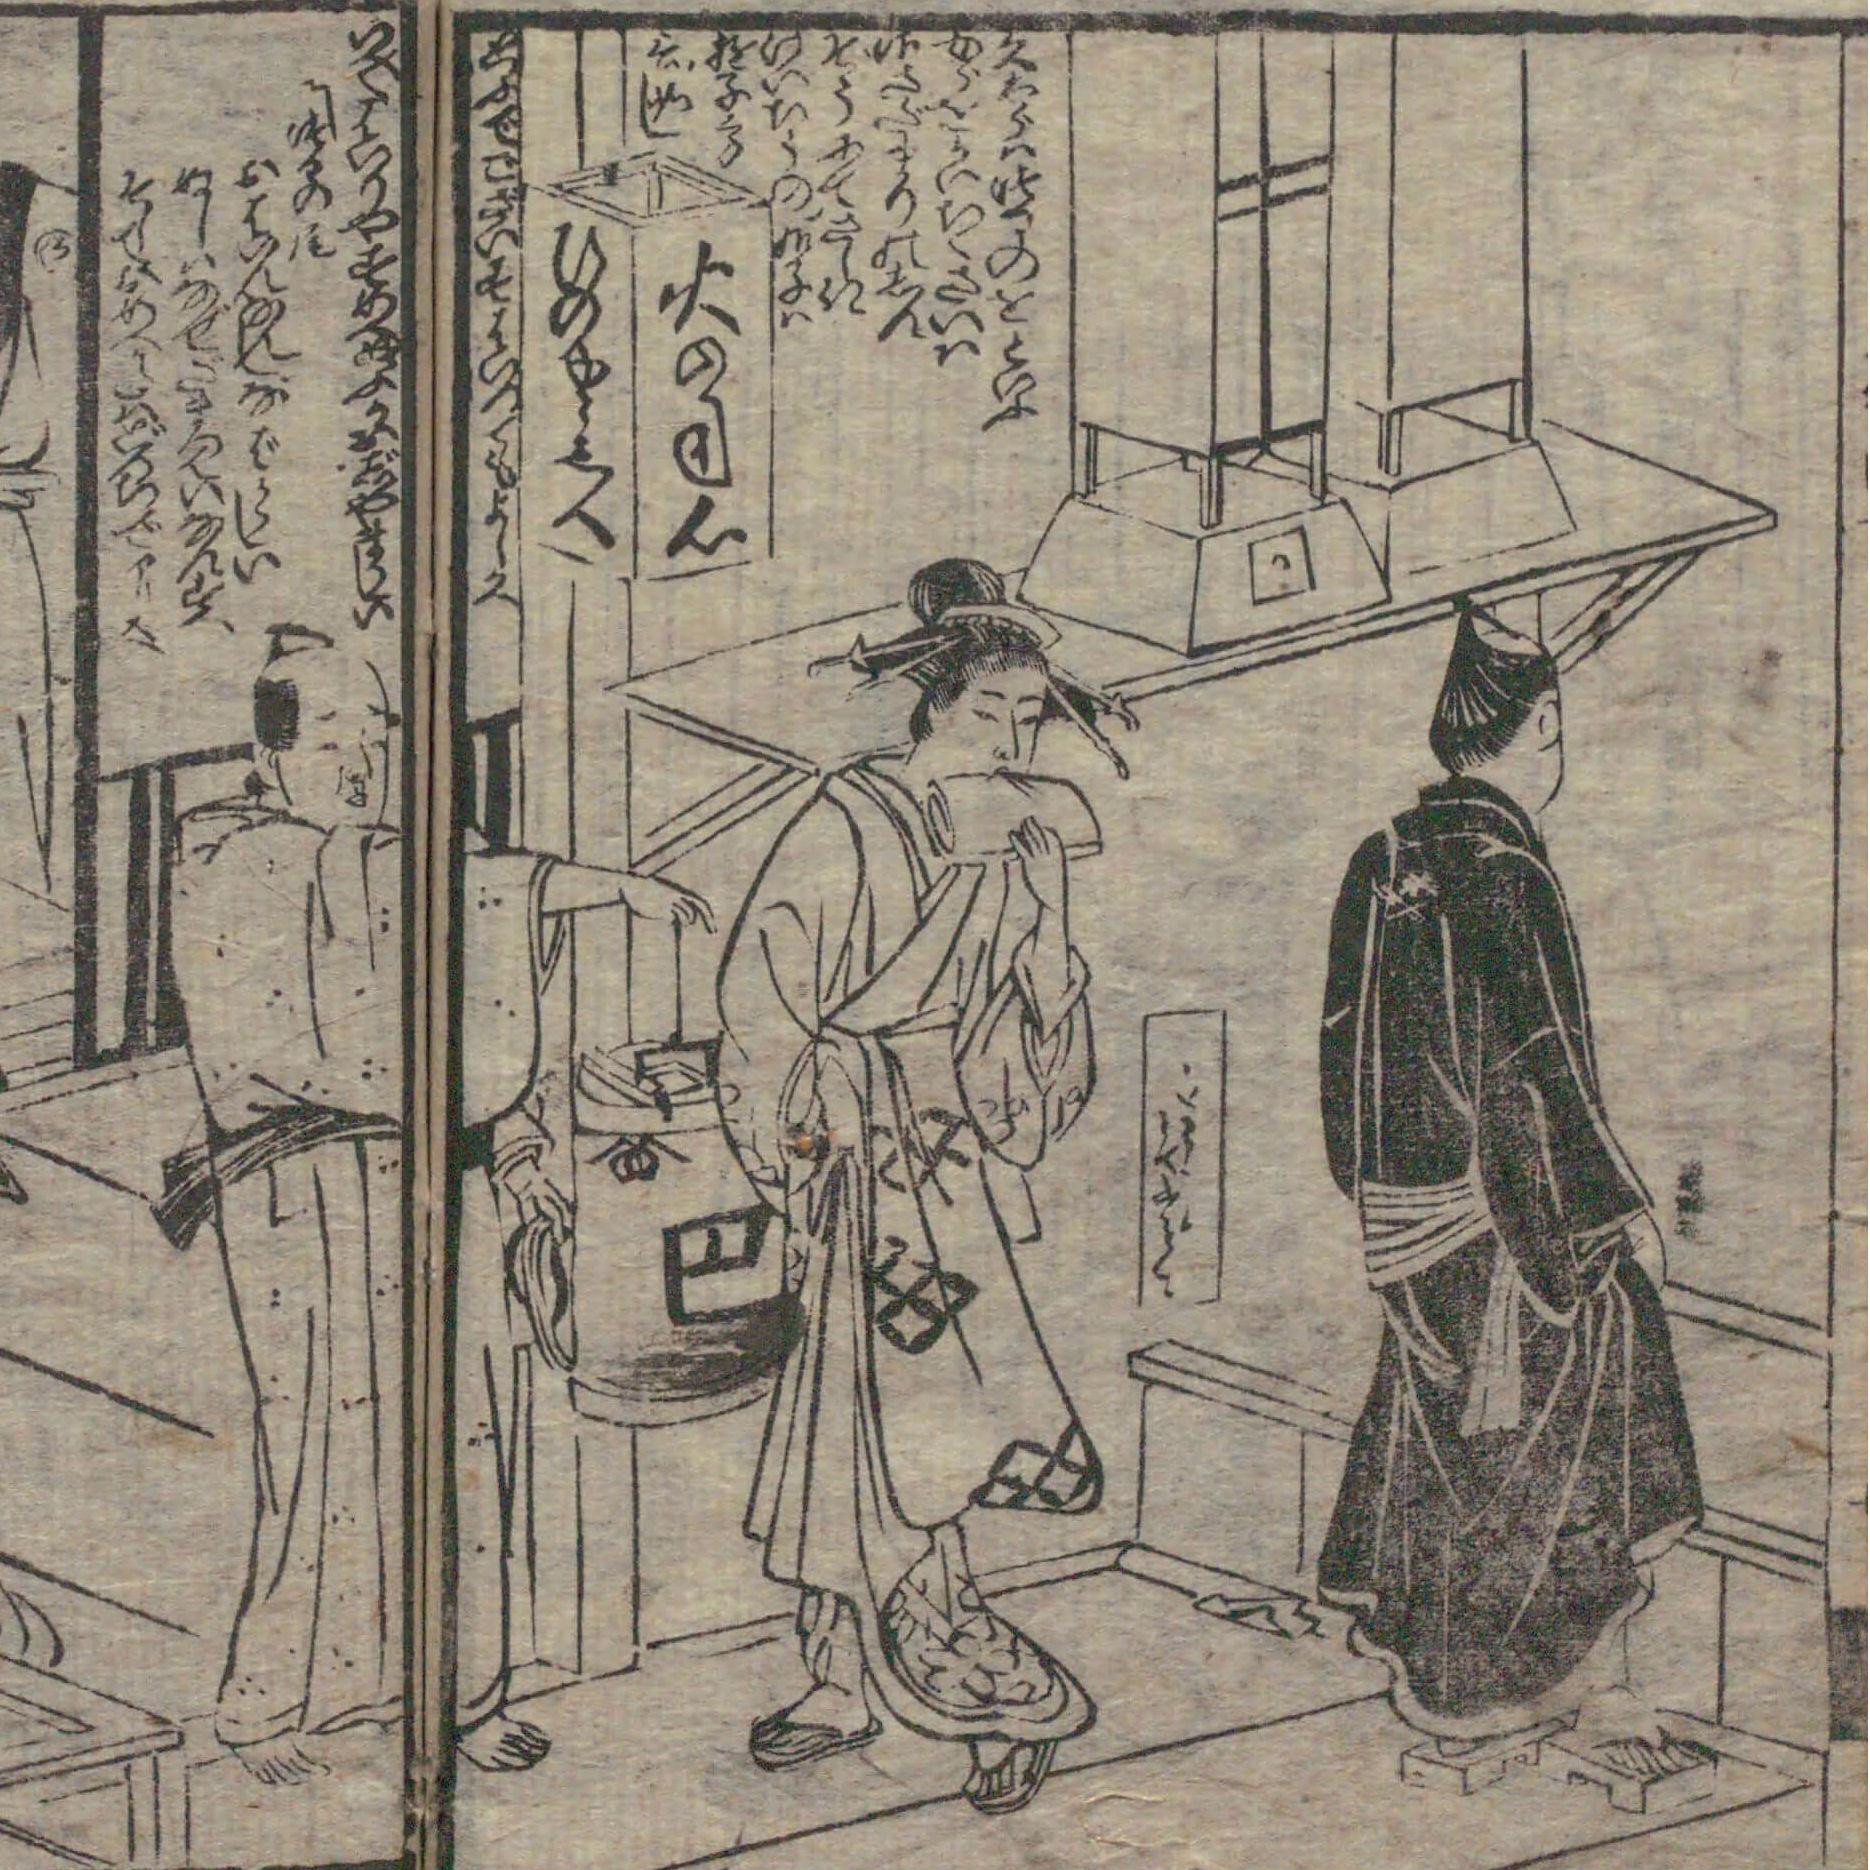 江戸の男の自慢「ゆんべは、二階で小便してきたぜ」は何を意味するか